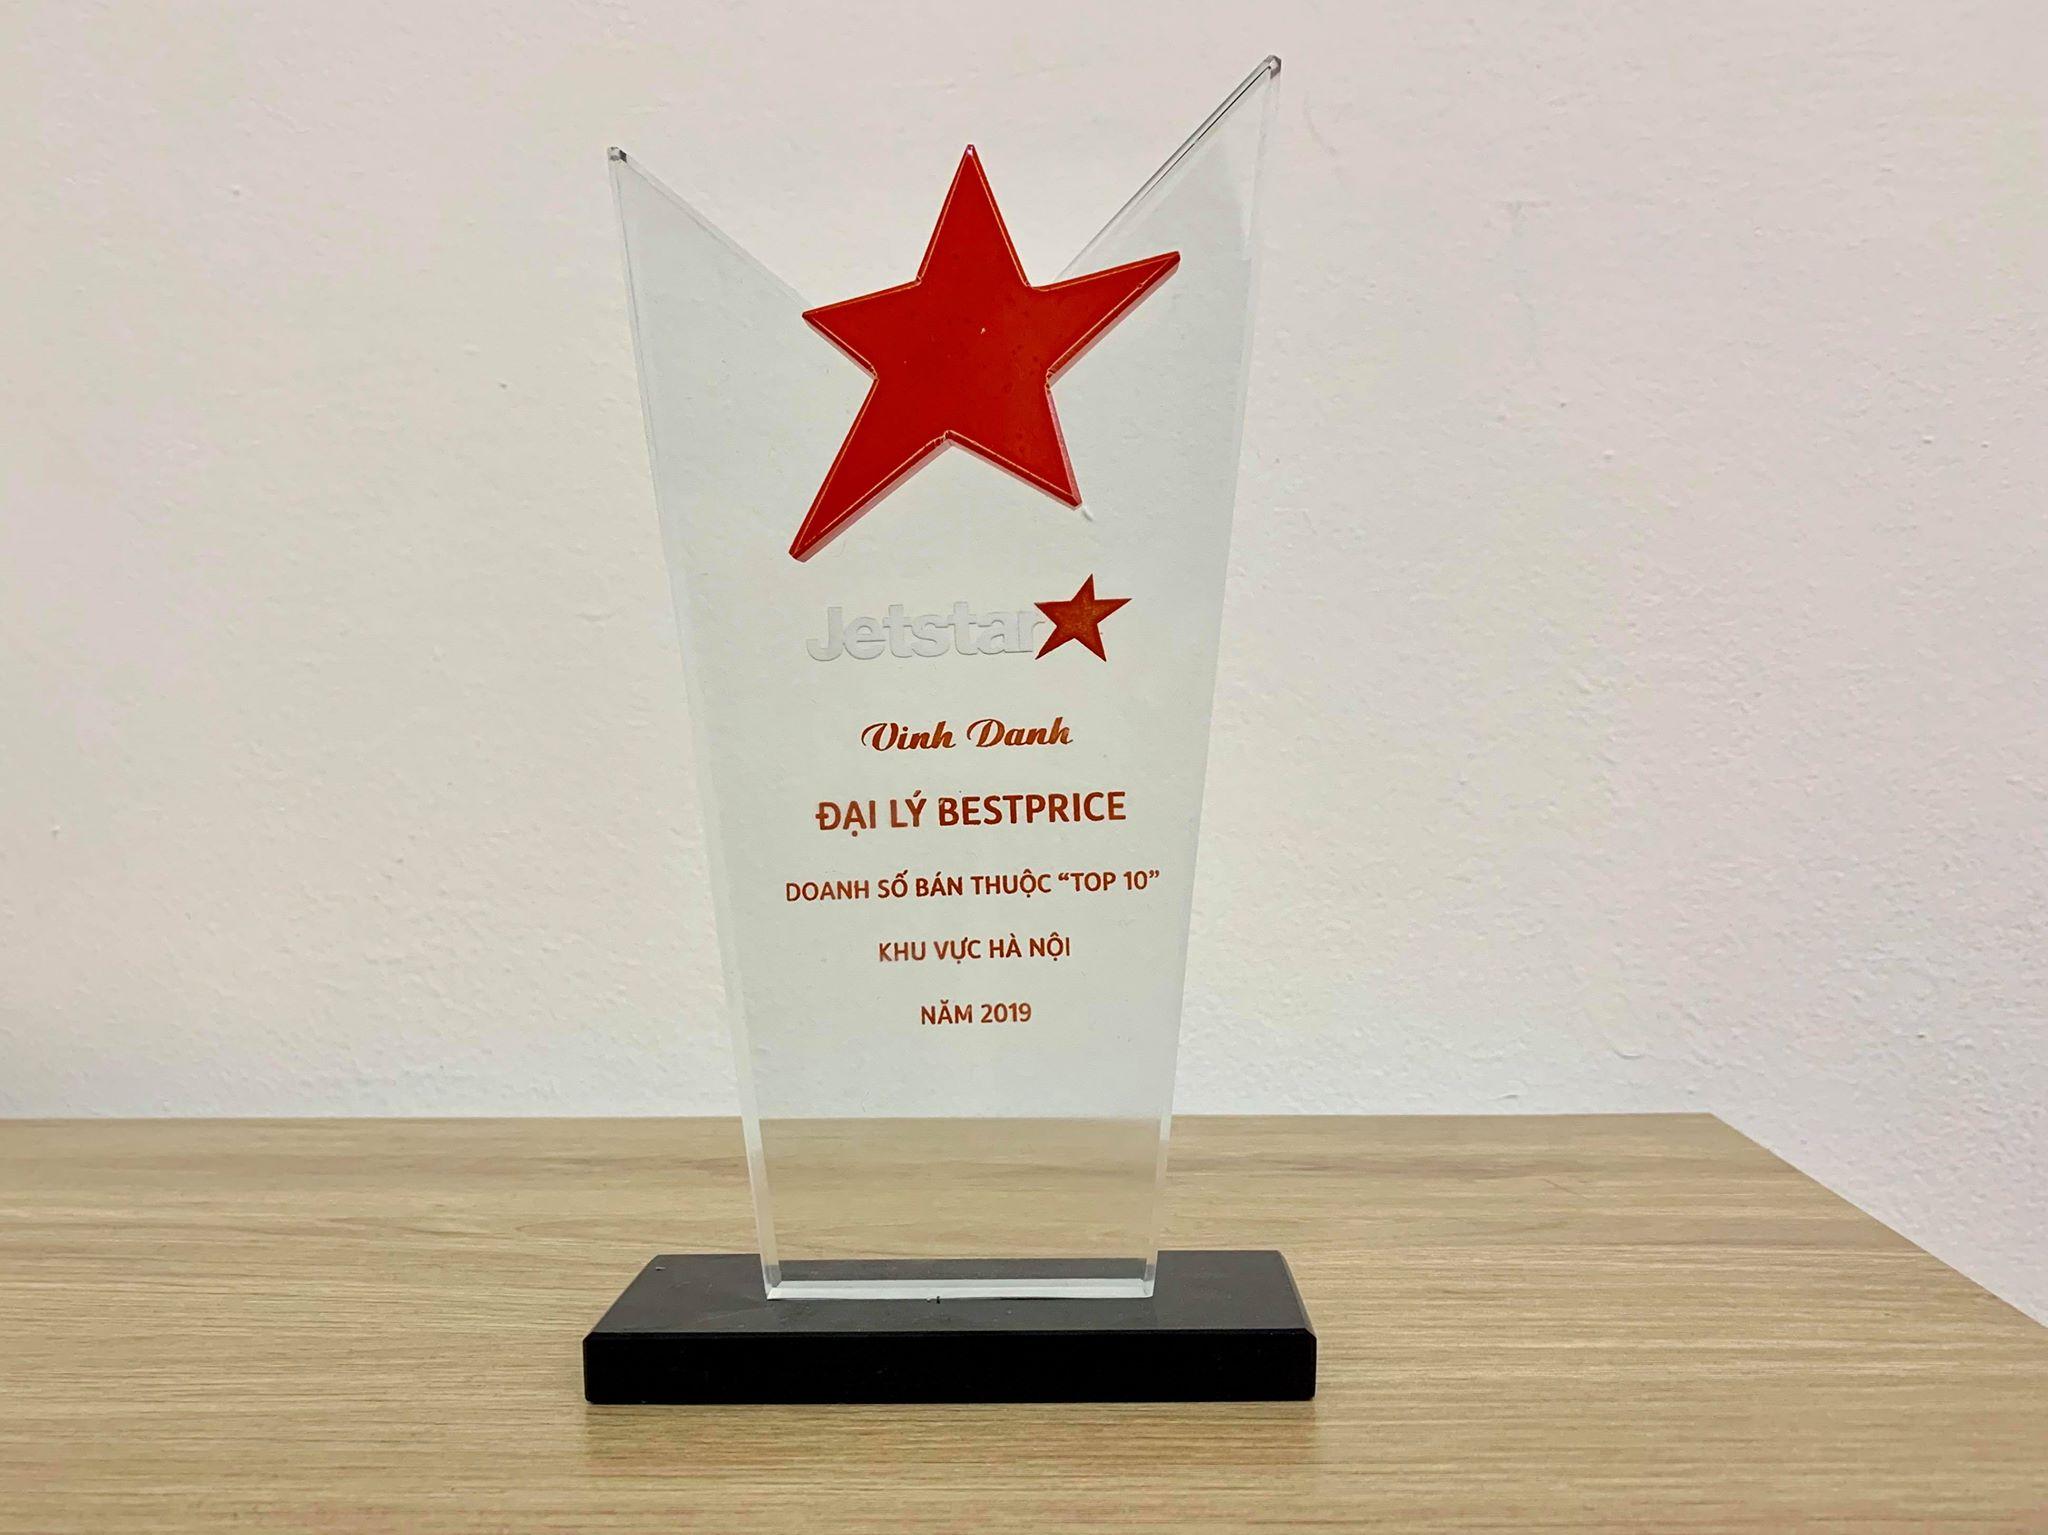 BestPrice vinh dự lọt vào Top 10 đại lý có doanh số cao nhất của Jetstar Pacific